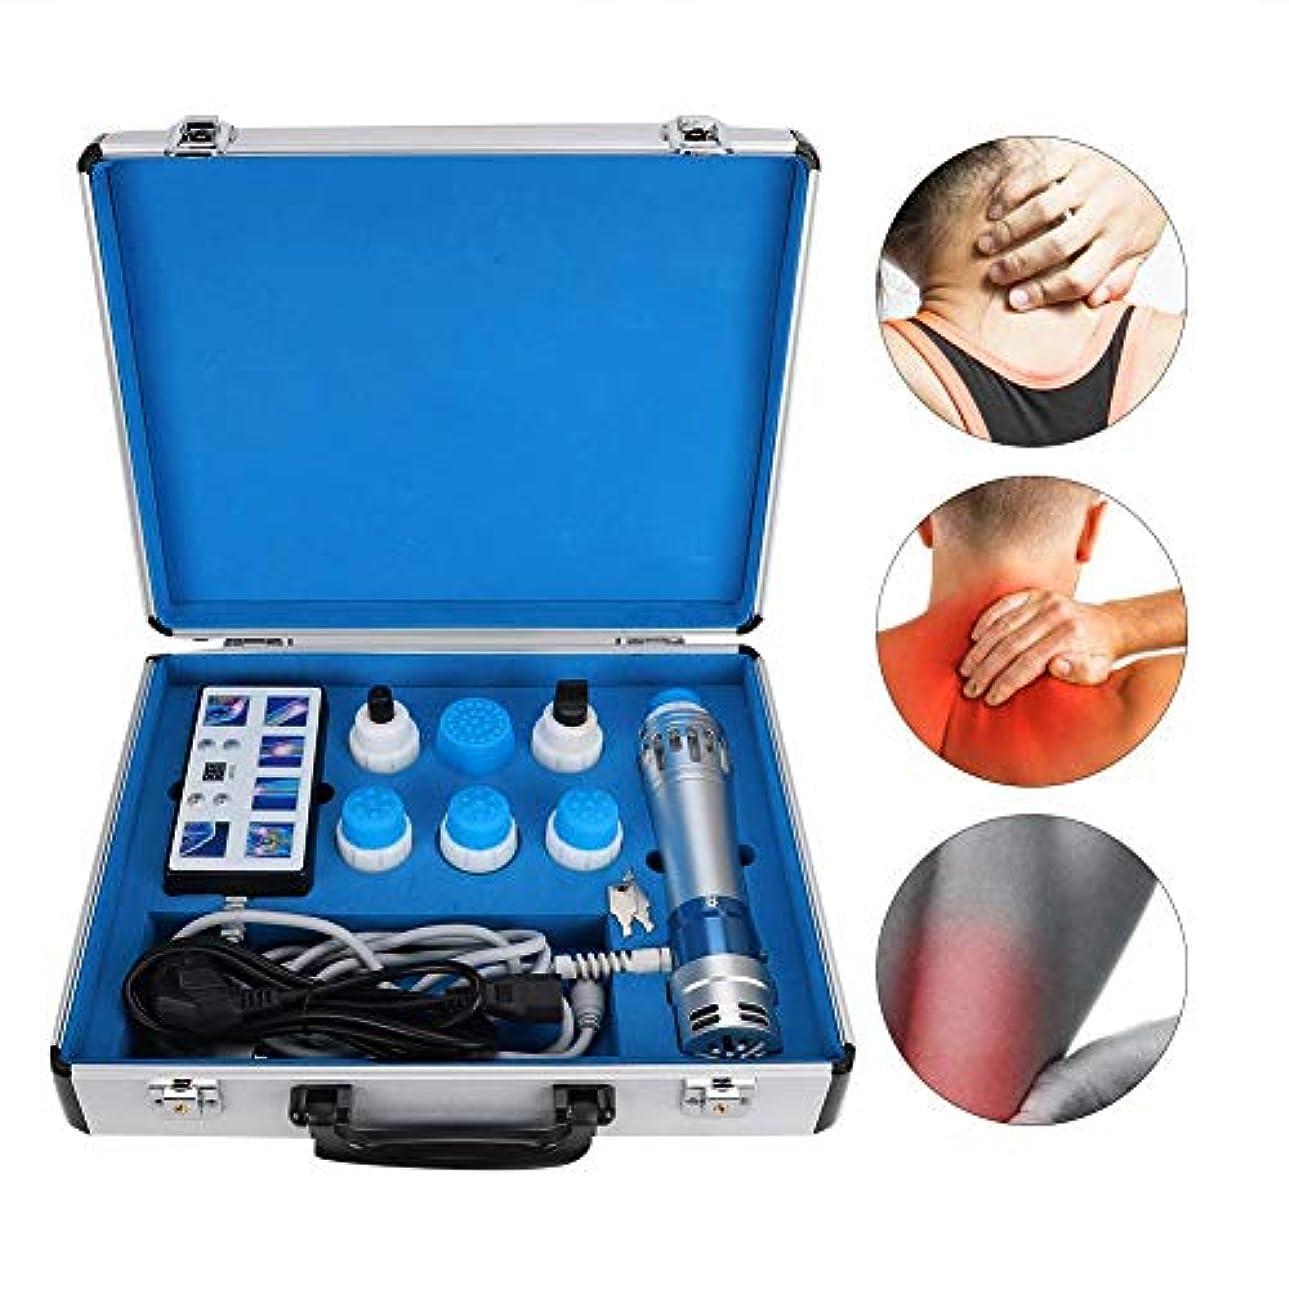 ターミナルパテ葉っぱED体外衝撃波治療器、多機能疼痛緩和マッサージ器(USプラグ110V)